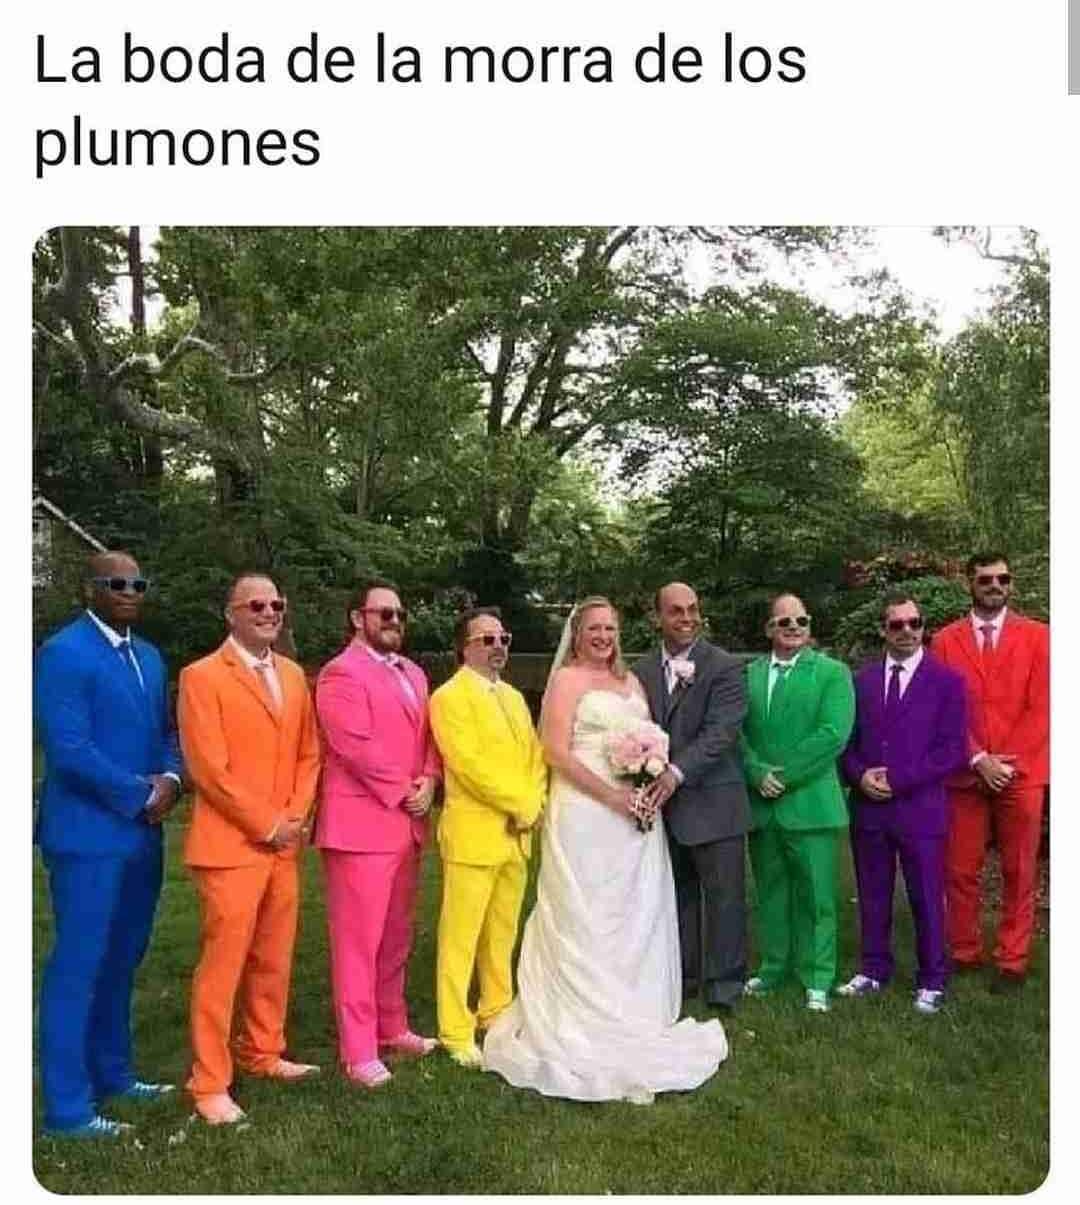 La boda de la morra de los plumones.